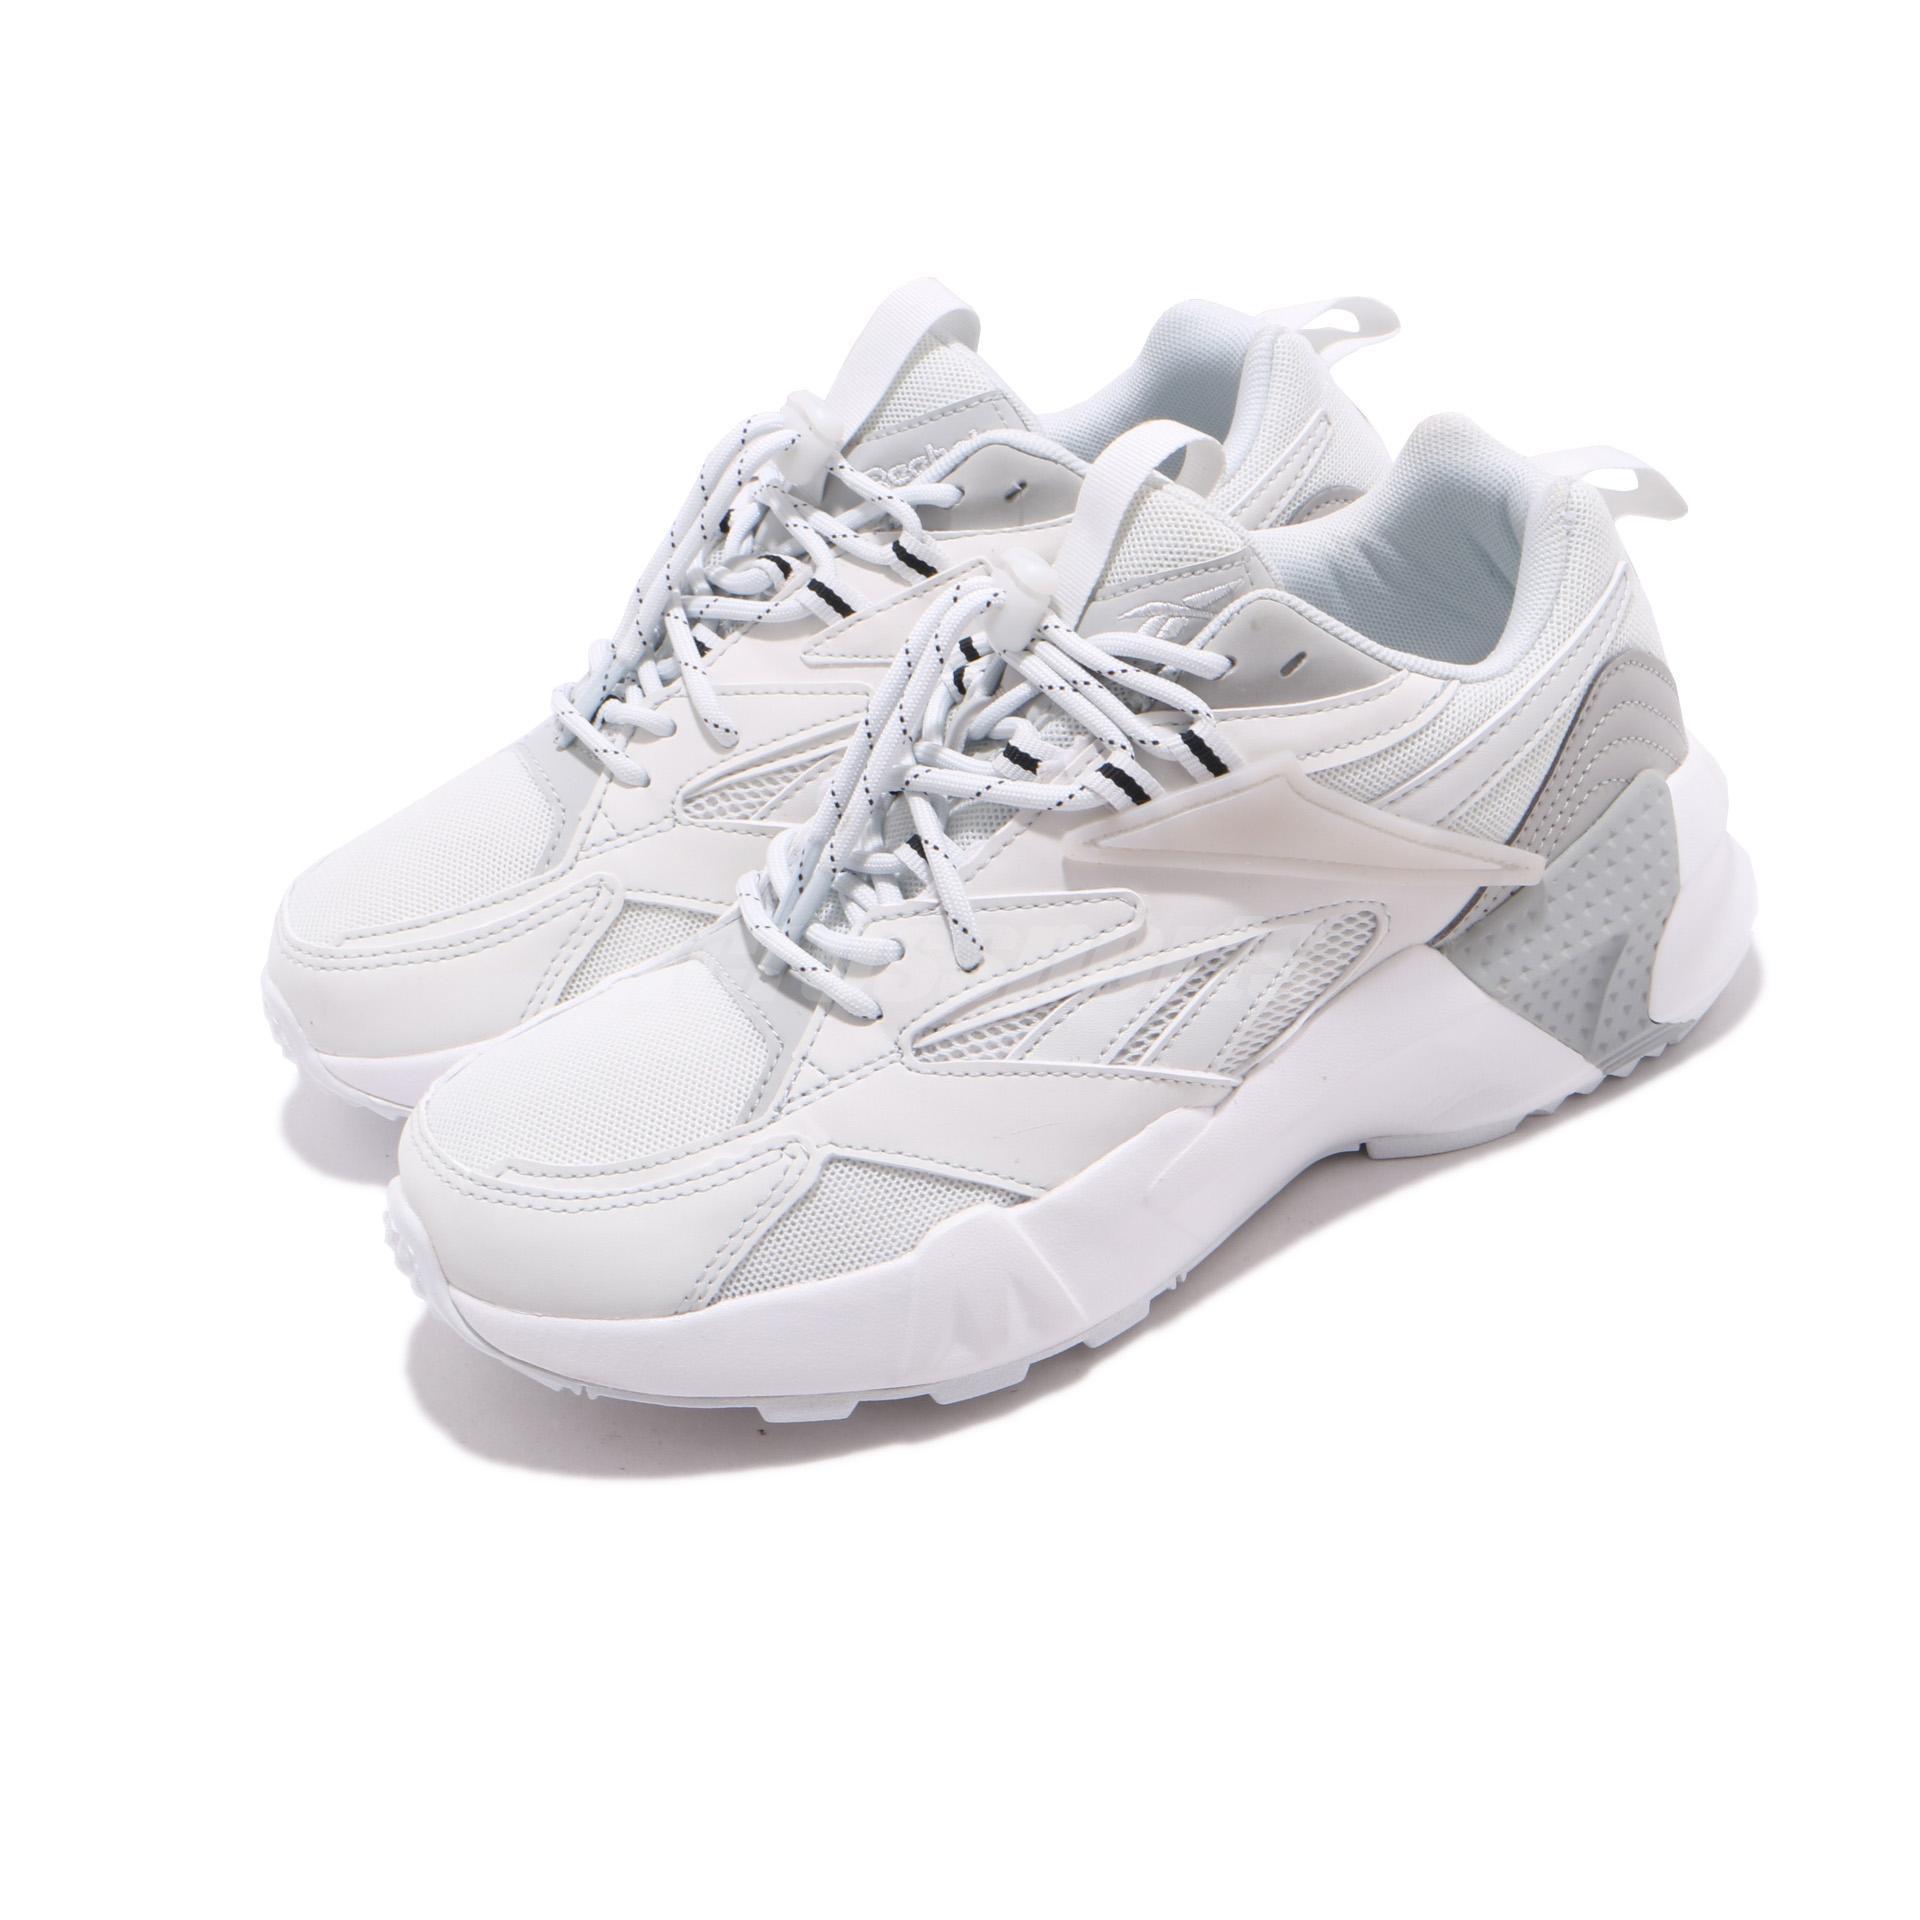 äkta skor fantastiska besparingar helt ny Reebok AZTREK Double Mix Laces Grey White Womens 90s Retro Style ...